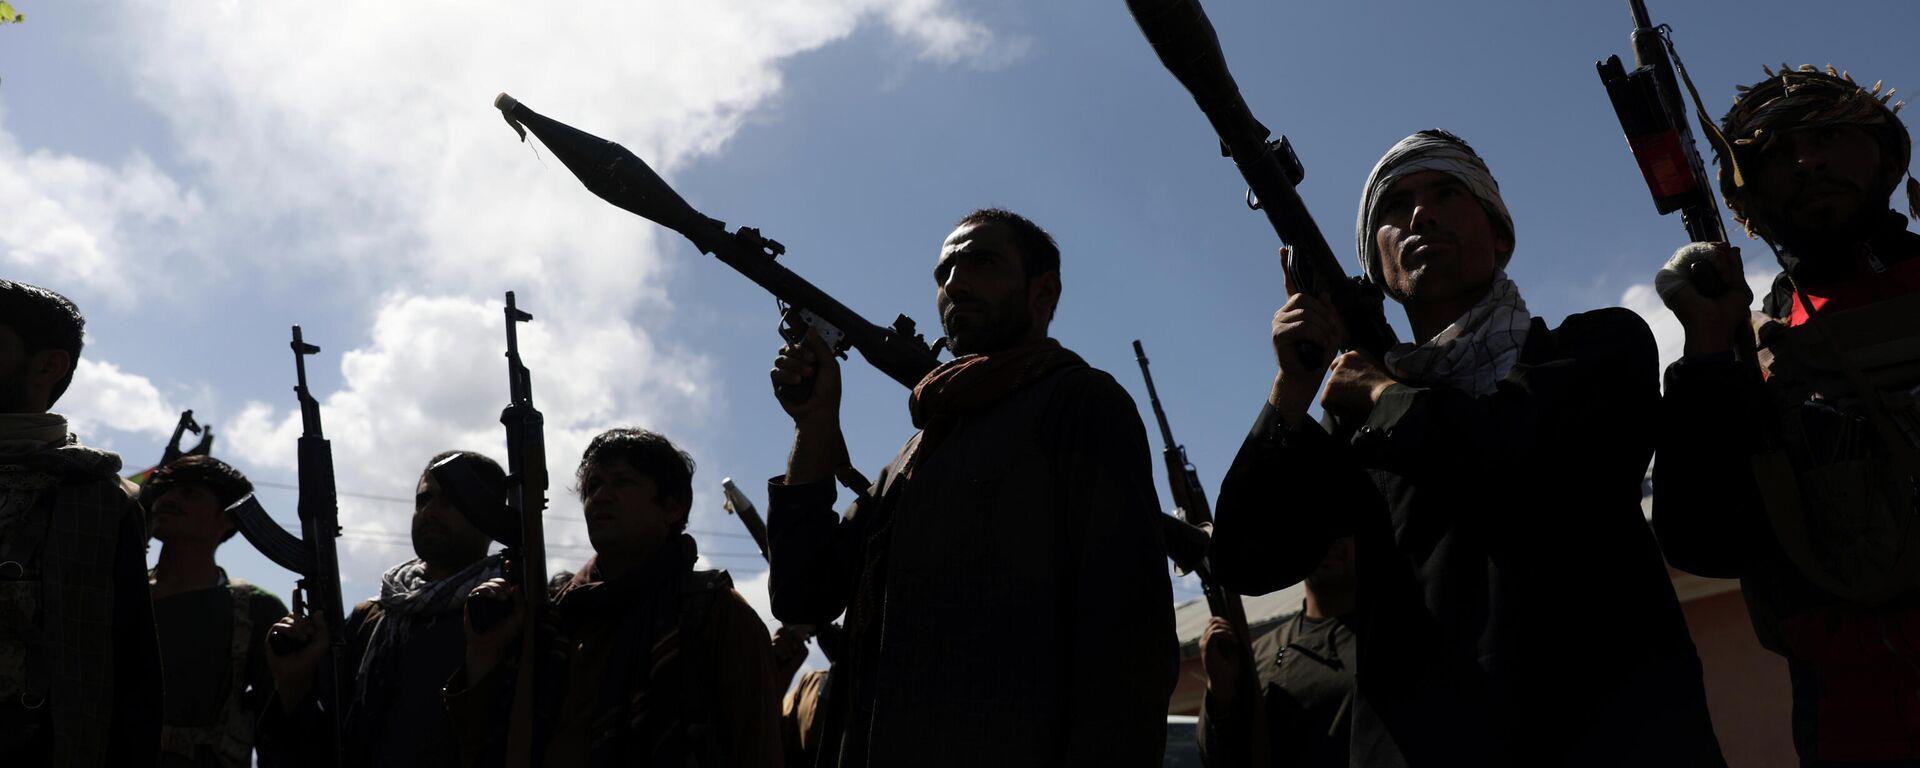 Афганские ополченцы присоединяются к силам обороны Афганистана в Кабуле - Sputnik Таджикистан, 1920, 16.08.2021